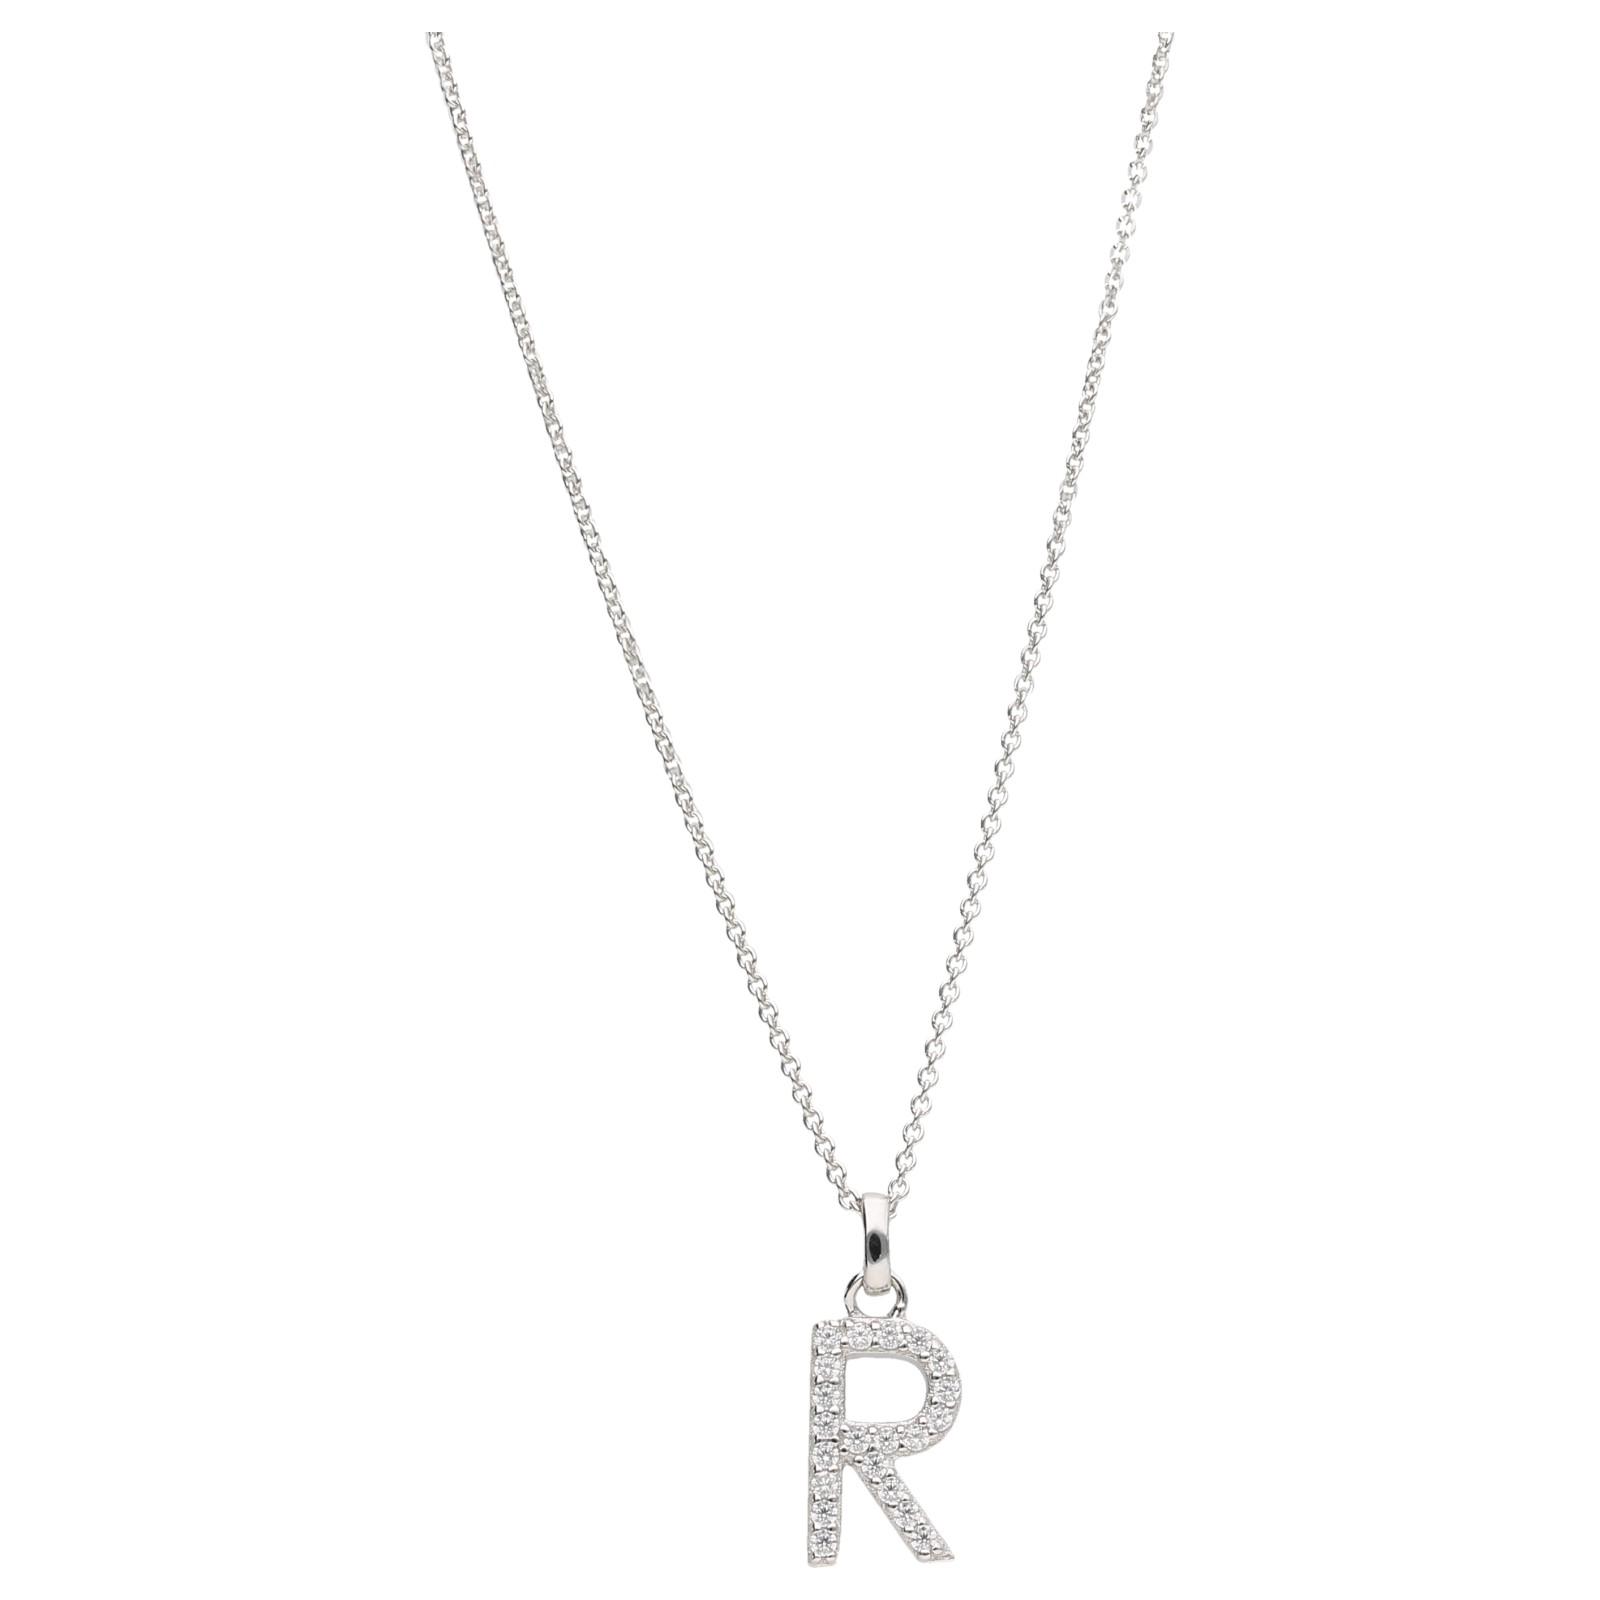 Buchstabe R mit Zirkonia Steine, Silber 925